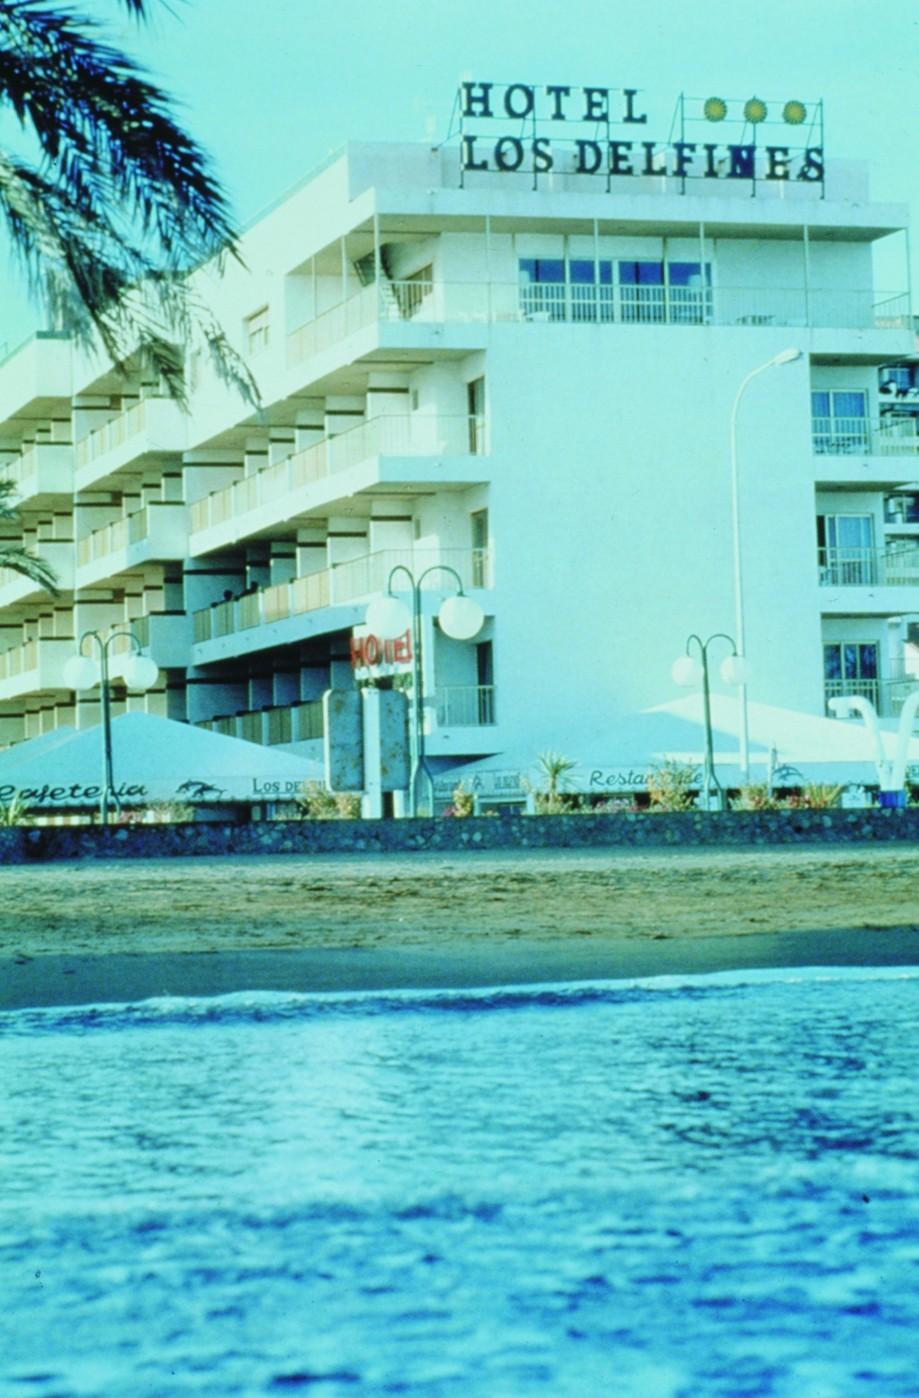 Hotel Husa Los Delfines Pescola Espaa  HotelSearchcom